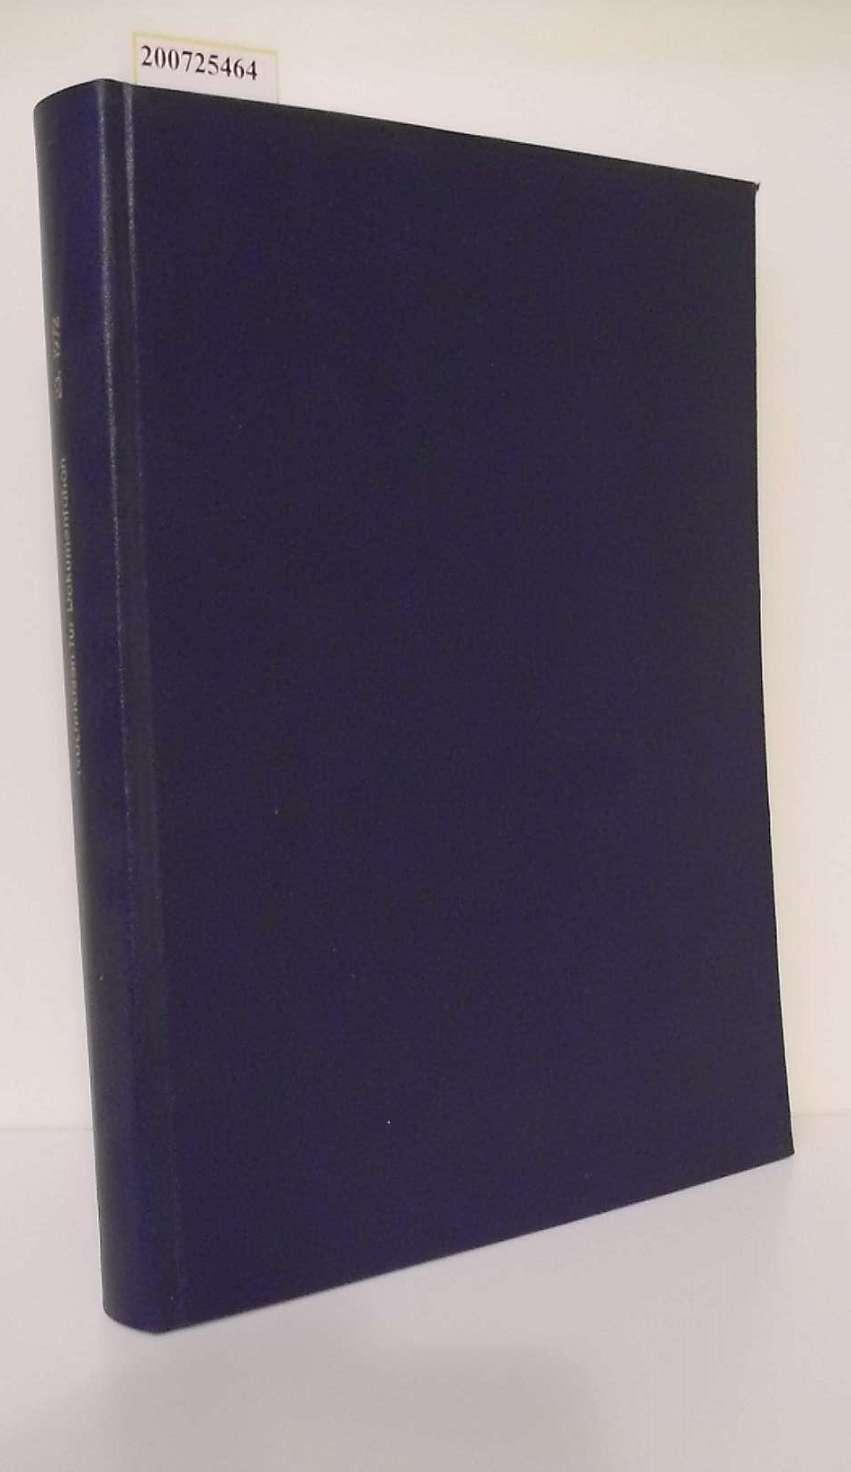 Nachrichten für Dokumentation herausgegeben von der Deutschen Gesellschaft für Dokumentation e. V. , 23.Jahrgang 1972 Zeitschrift für Information und Dokumentation